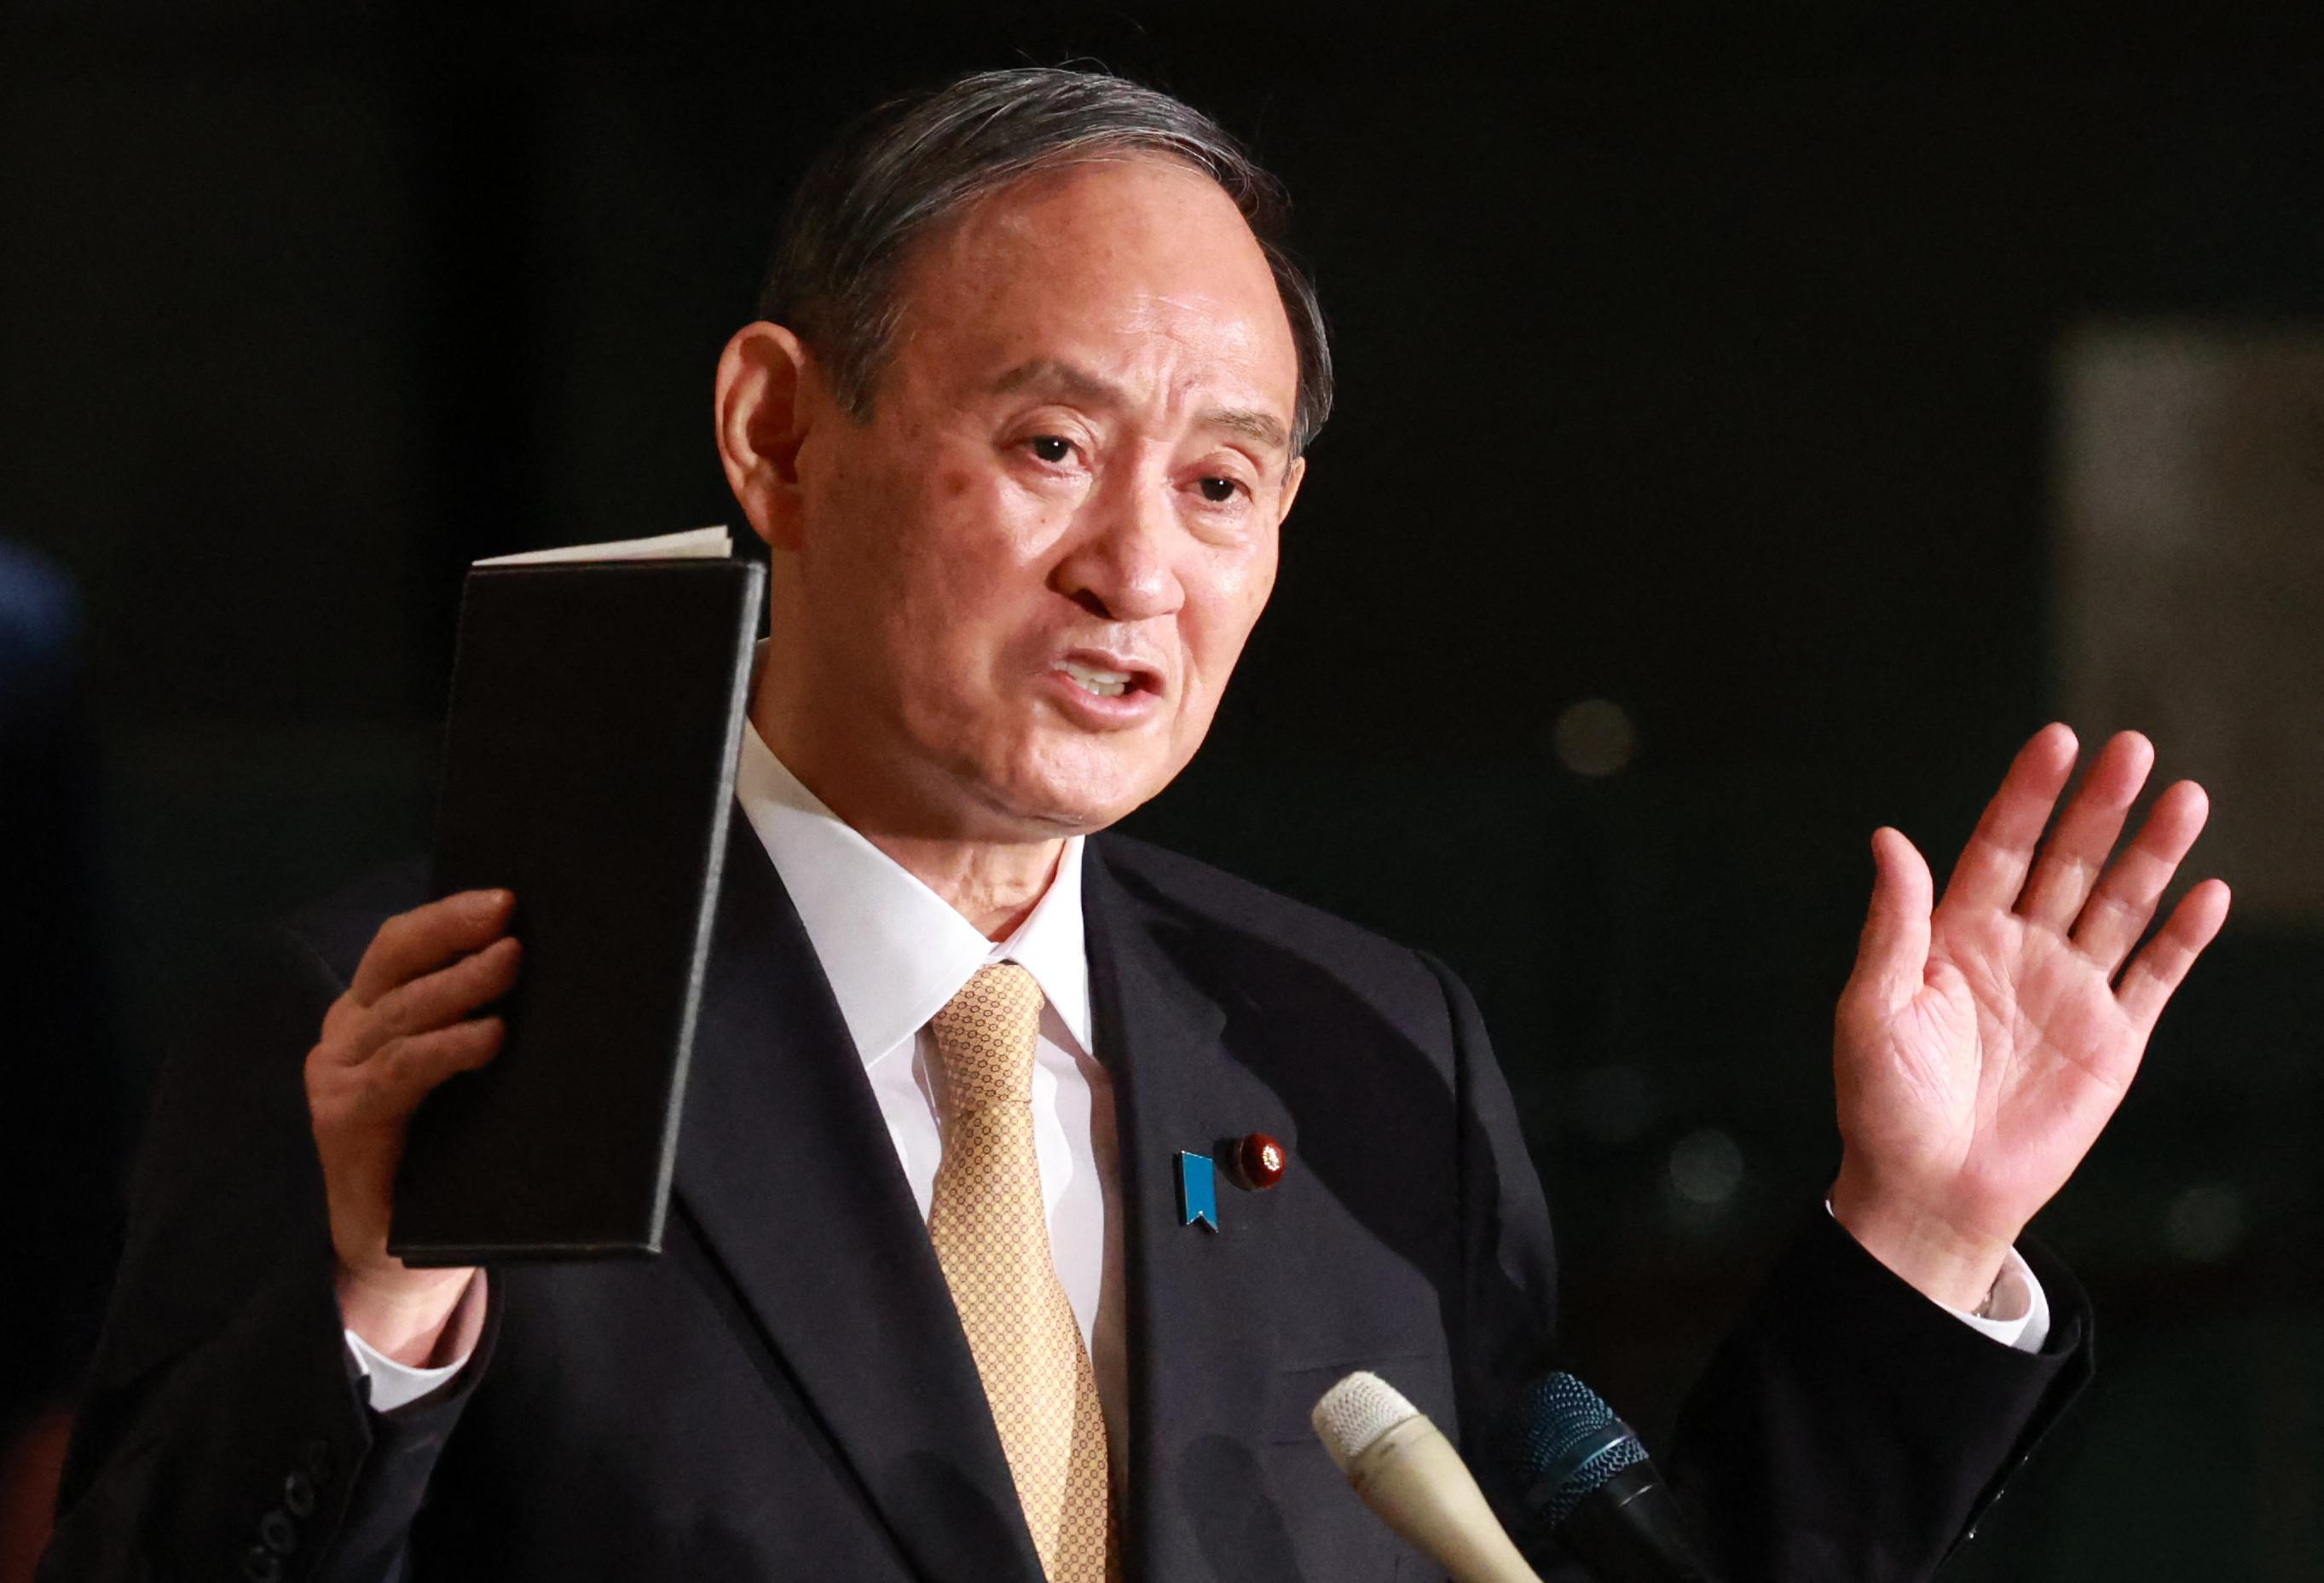 Óriási botrány van Japánban, mert a miniszterelnök fia befolyásos embereket hívott meg vacsorázni